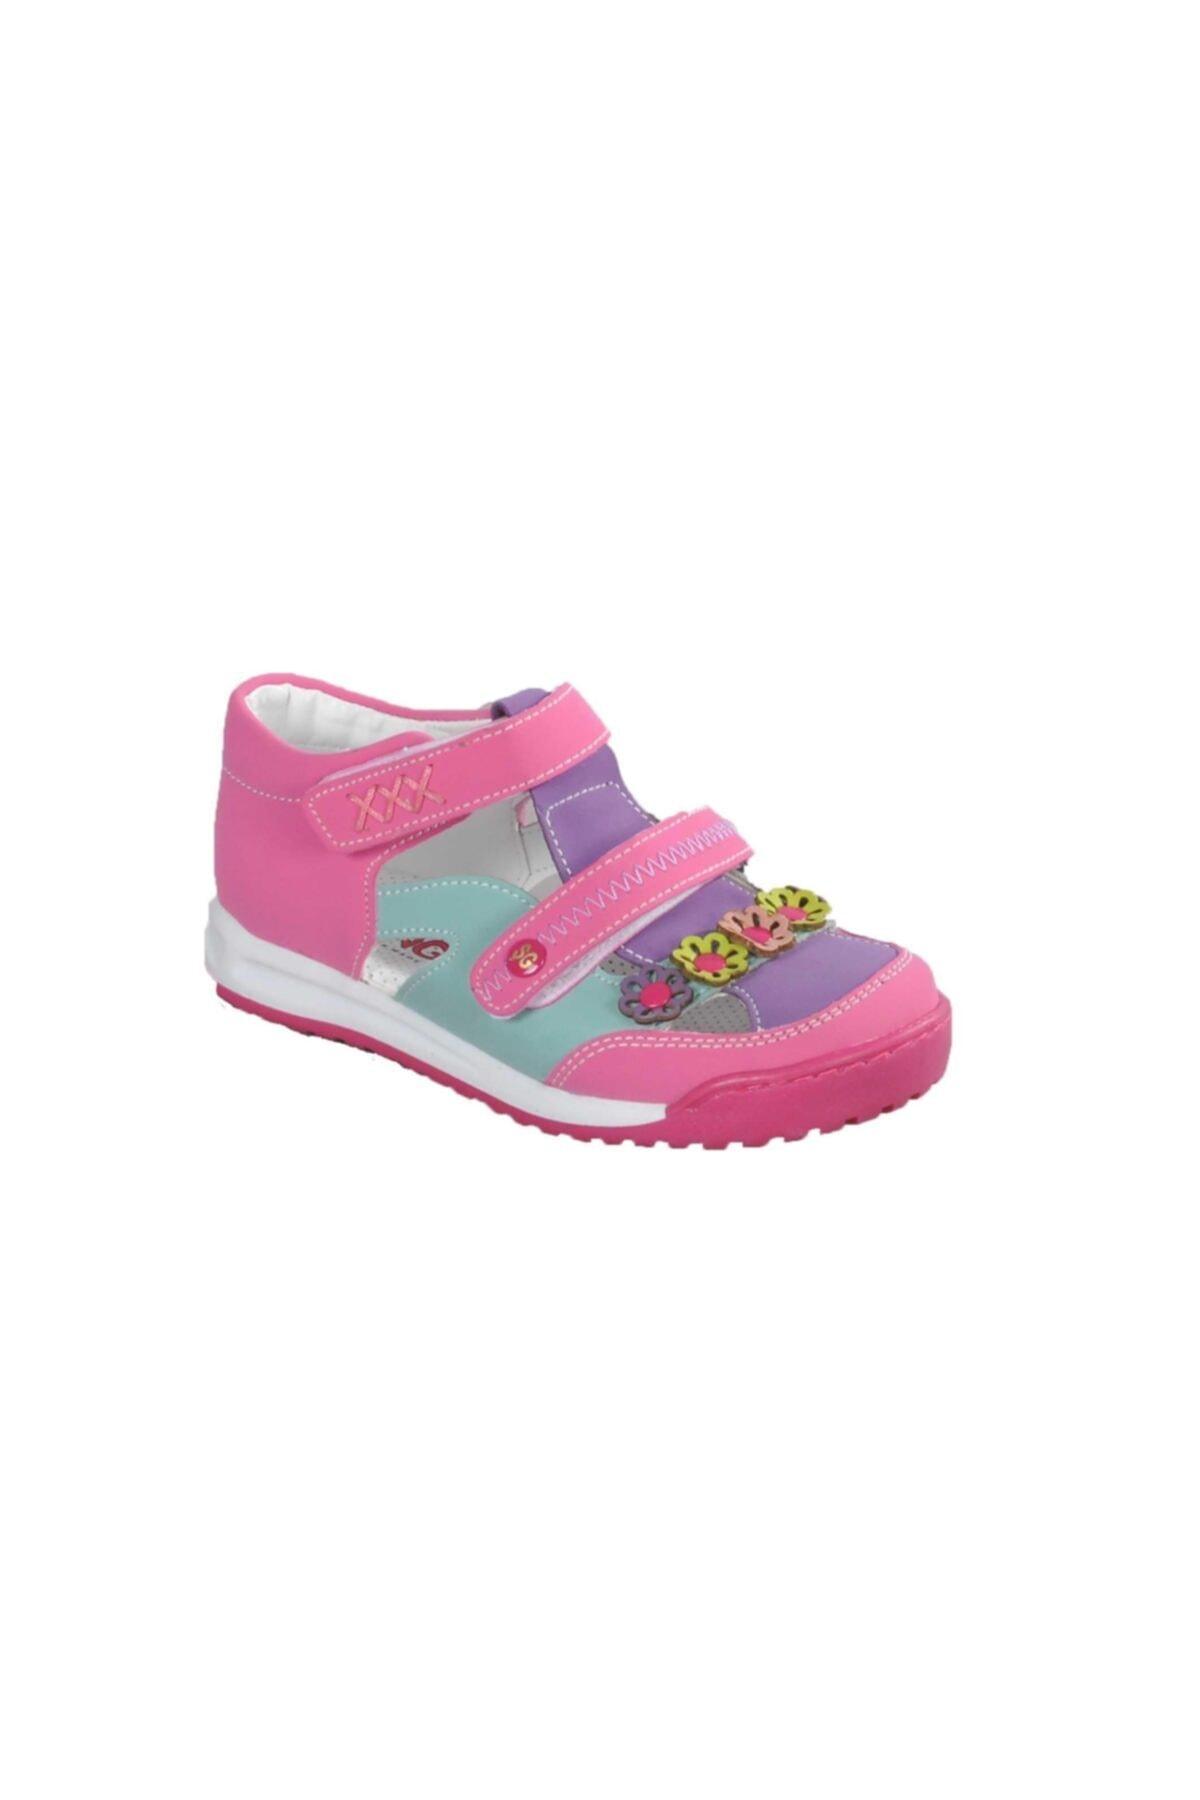 011 Pembe-mor Çocuk Günlük Ayakkabı